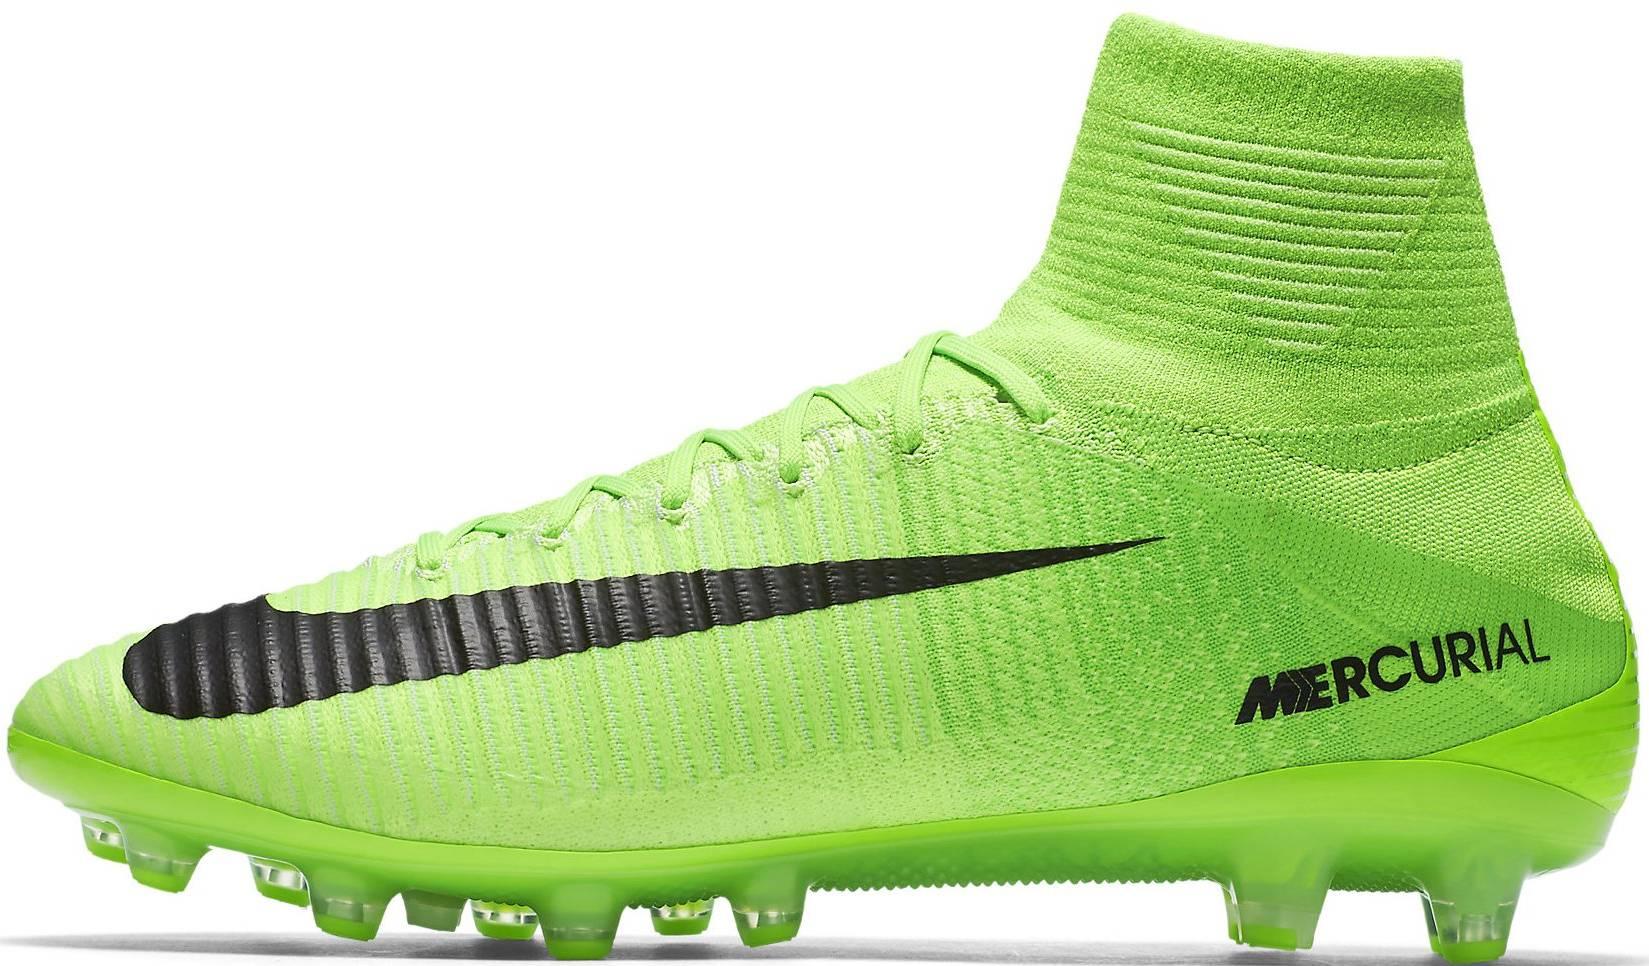 Reconocimiento genéticamente Empuje hacia abajo  12 Reasons to/NOT to Buy Nike Mercurial Superfly V Artificial Grass Pro  (Jan 2021) | RunRepeat